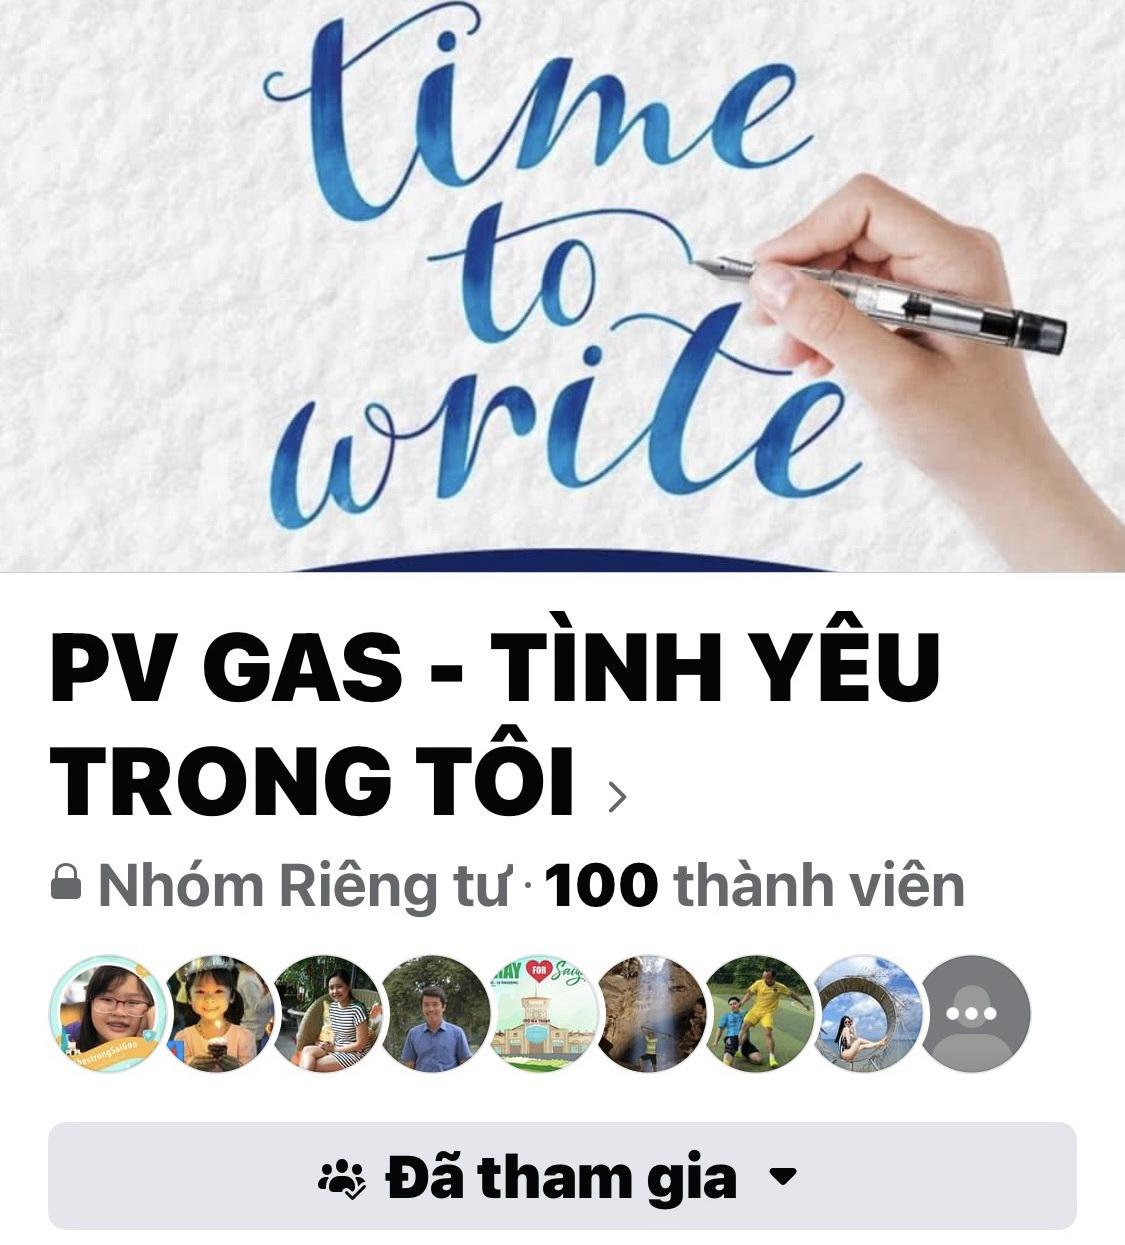 """Giao diện Cuộc thi """"PV GAS - Tình yêu trong tôi"""" trên fanpage của Công đoàn CQĐH PV GAS"""